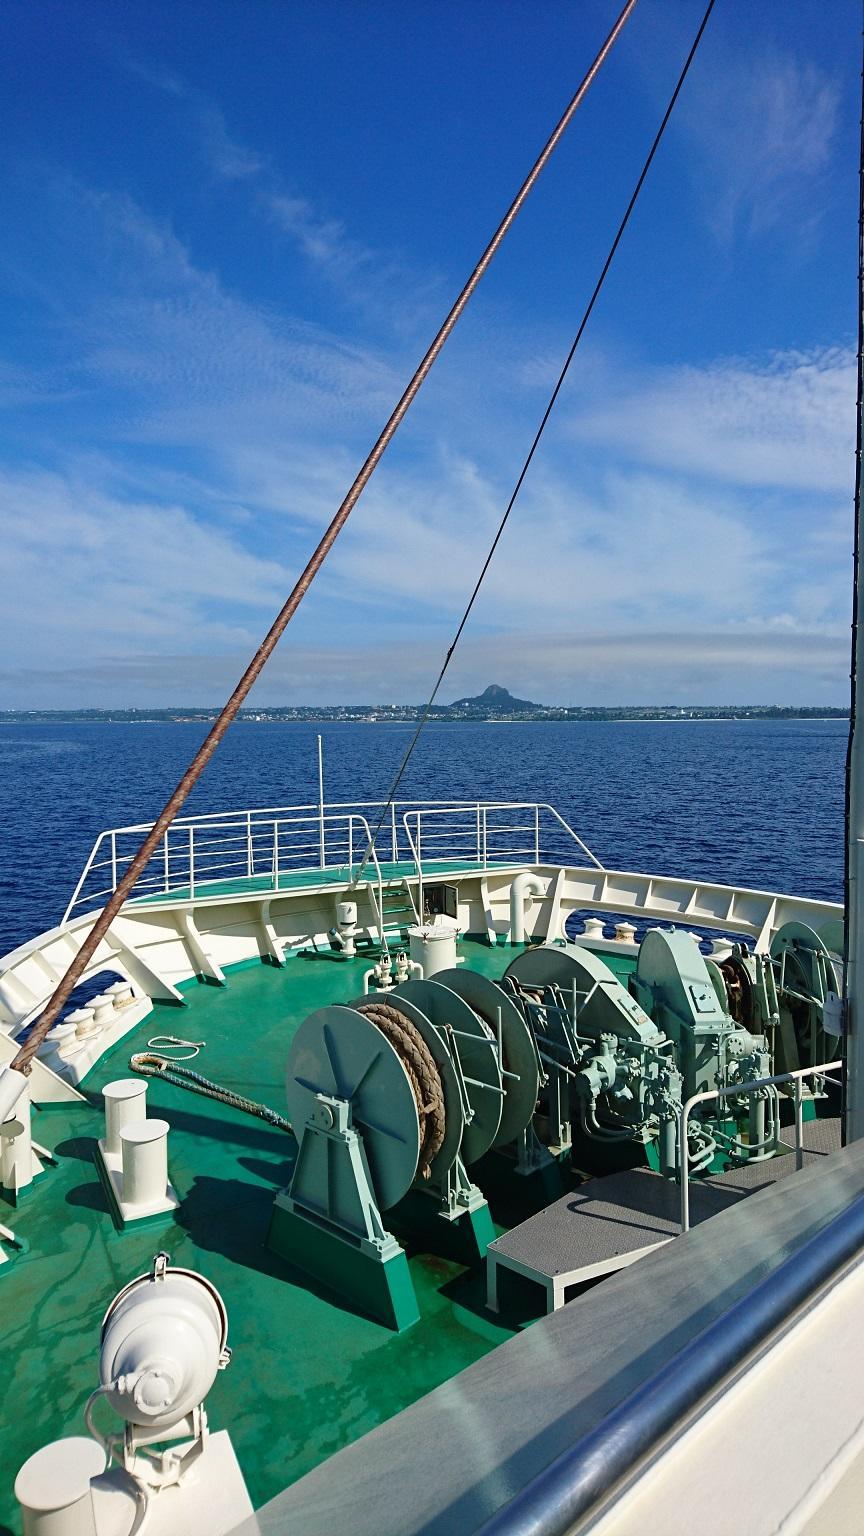 フェリーで行く人気急上昇中の離島、伊江島でボート体験ダイビング♪島内観光も楽しめます♪ボートから海に入ればたくさんの珊瑚や魚が出迎えてくれる島の海は最高!親切・丁寧にレクチャーいたしますのでご安心ください♪9時出港のフェリーで伊江島へ!伊江島でボート体験ダイビング♪